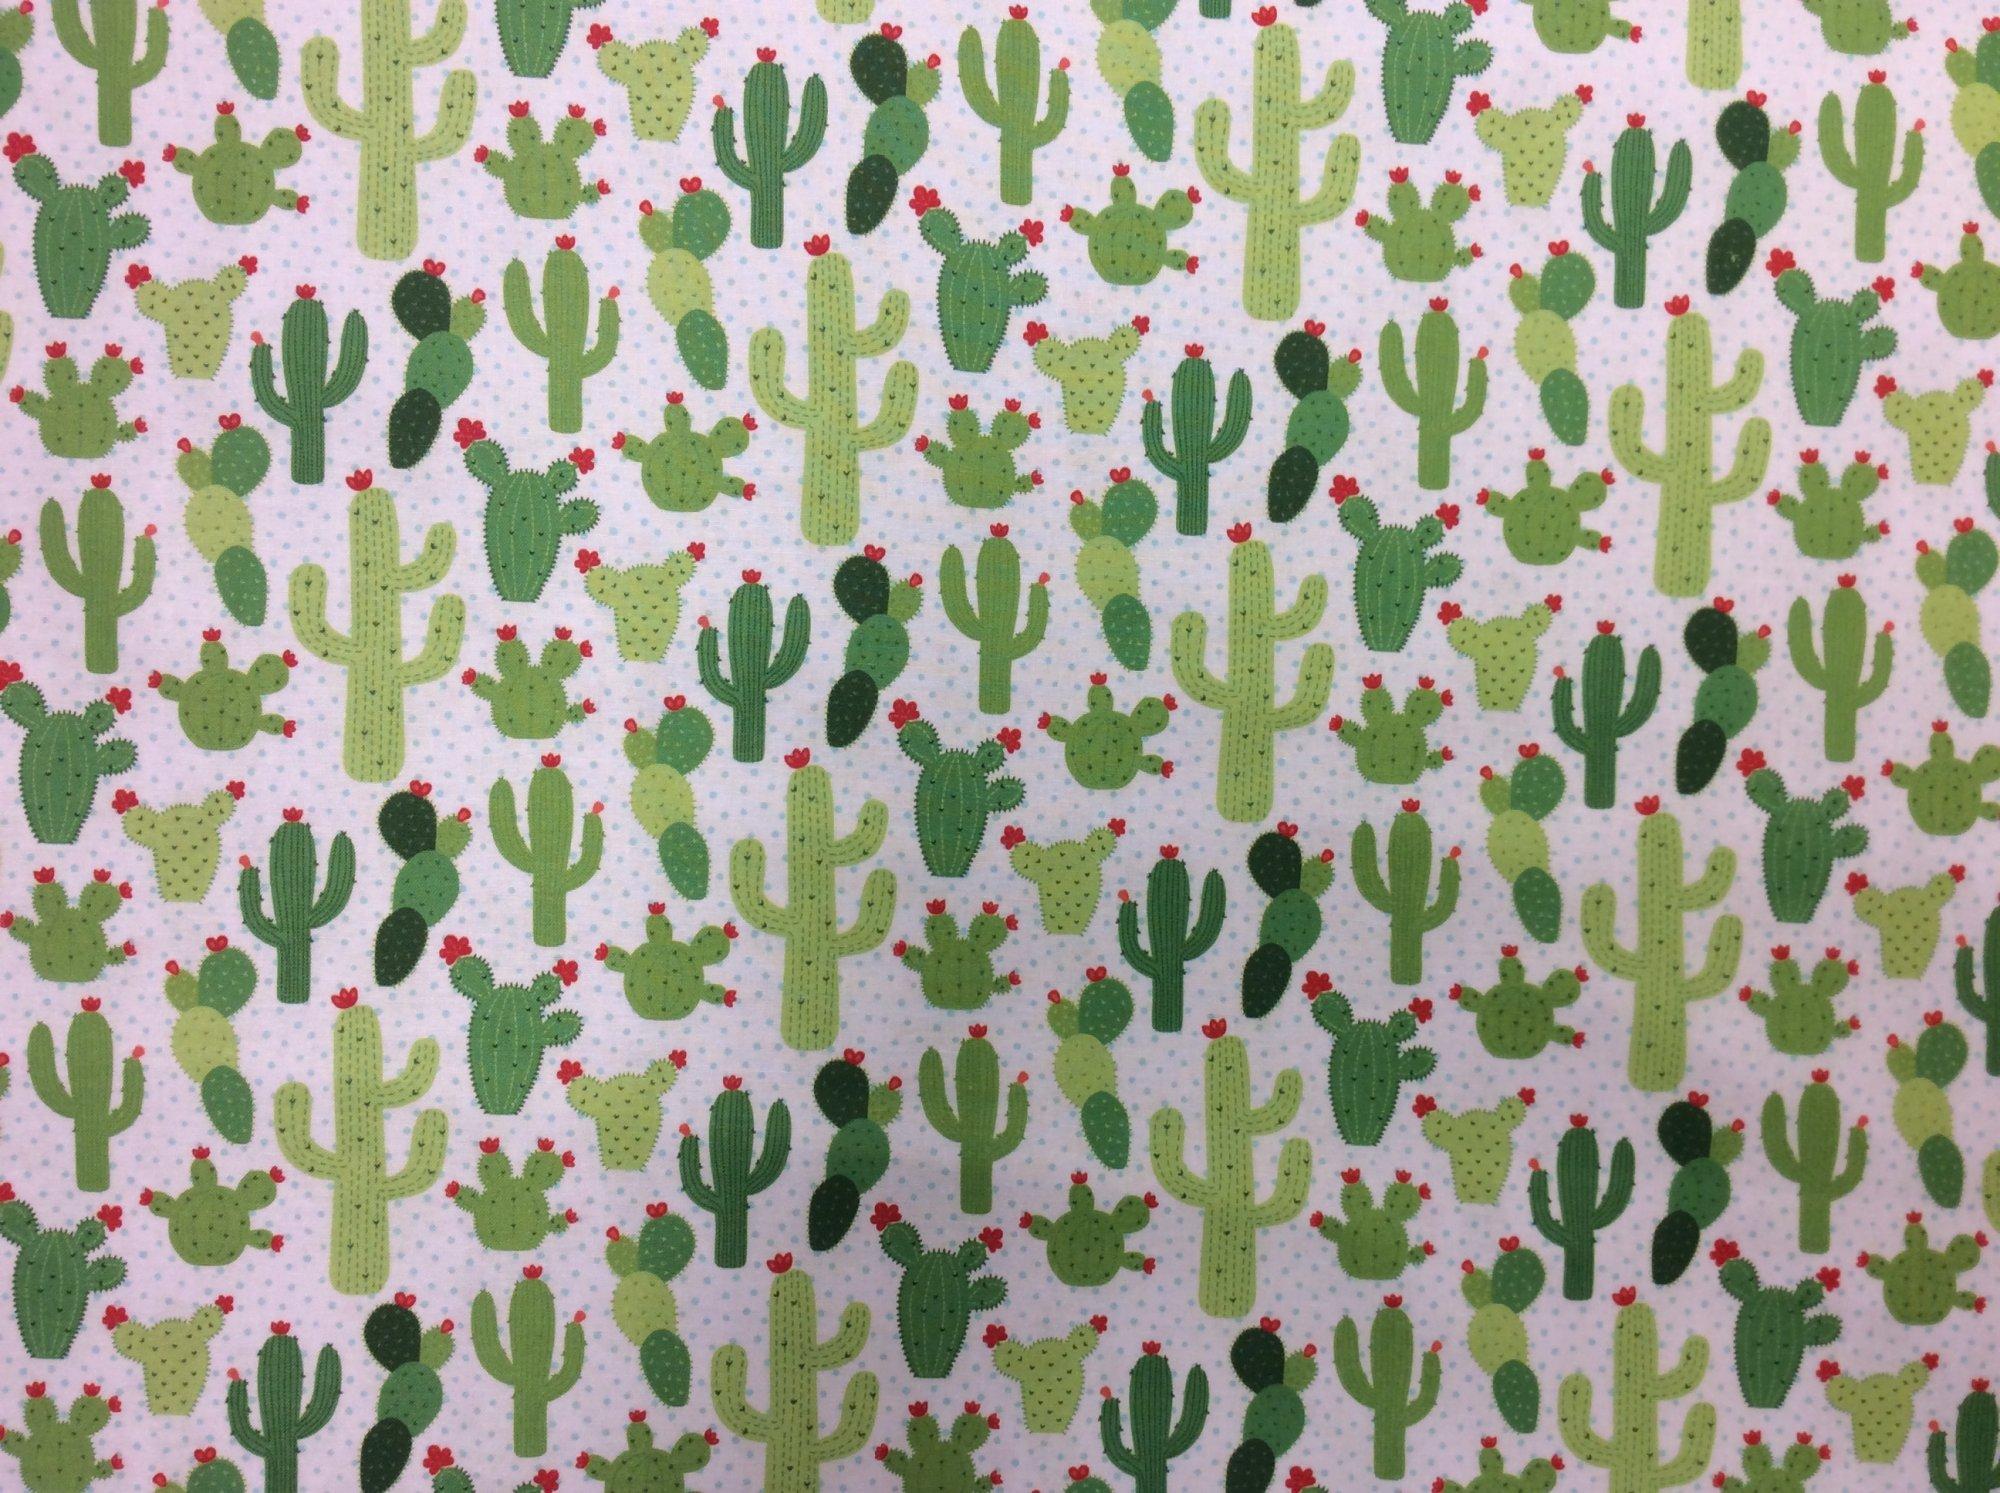 Saguaro Cactus Desert Succulent Cacti Cotton Quilt Fabric Nc14